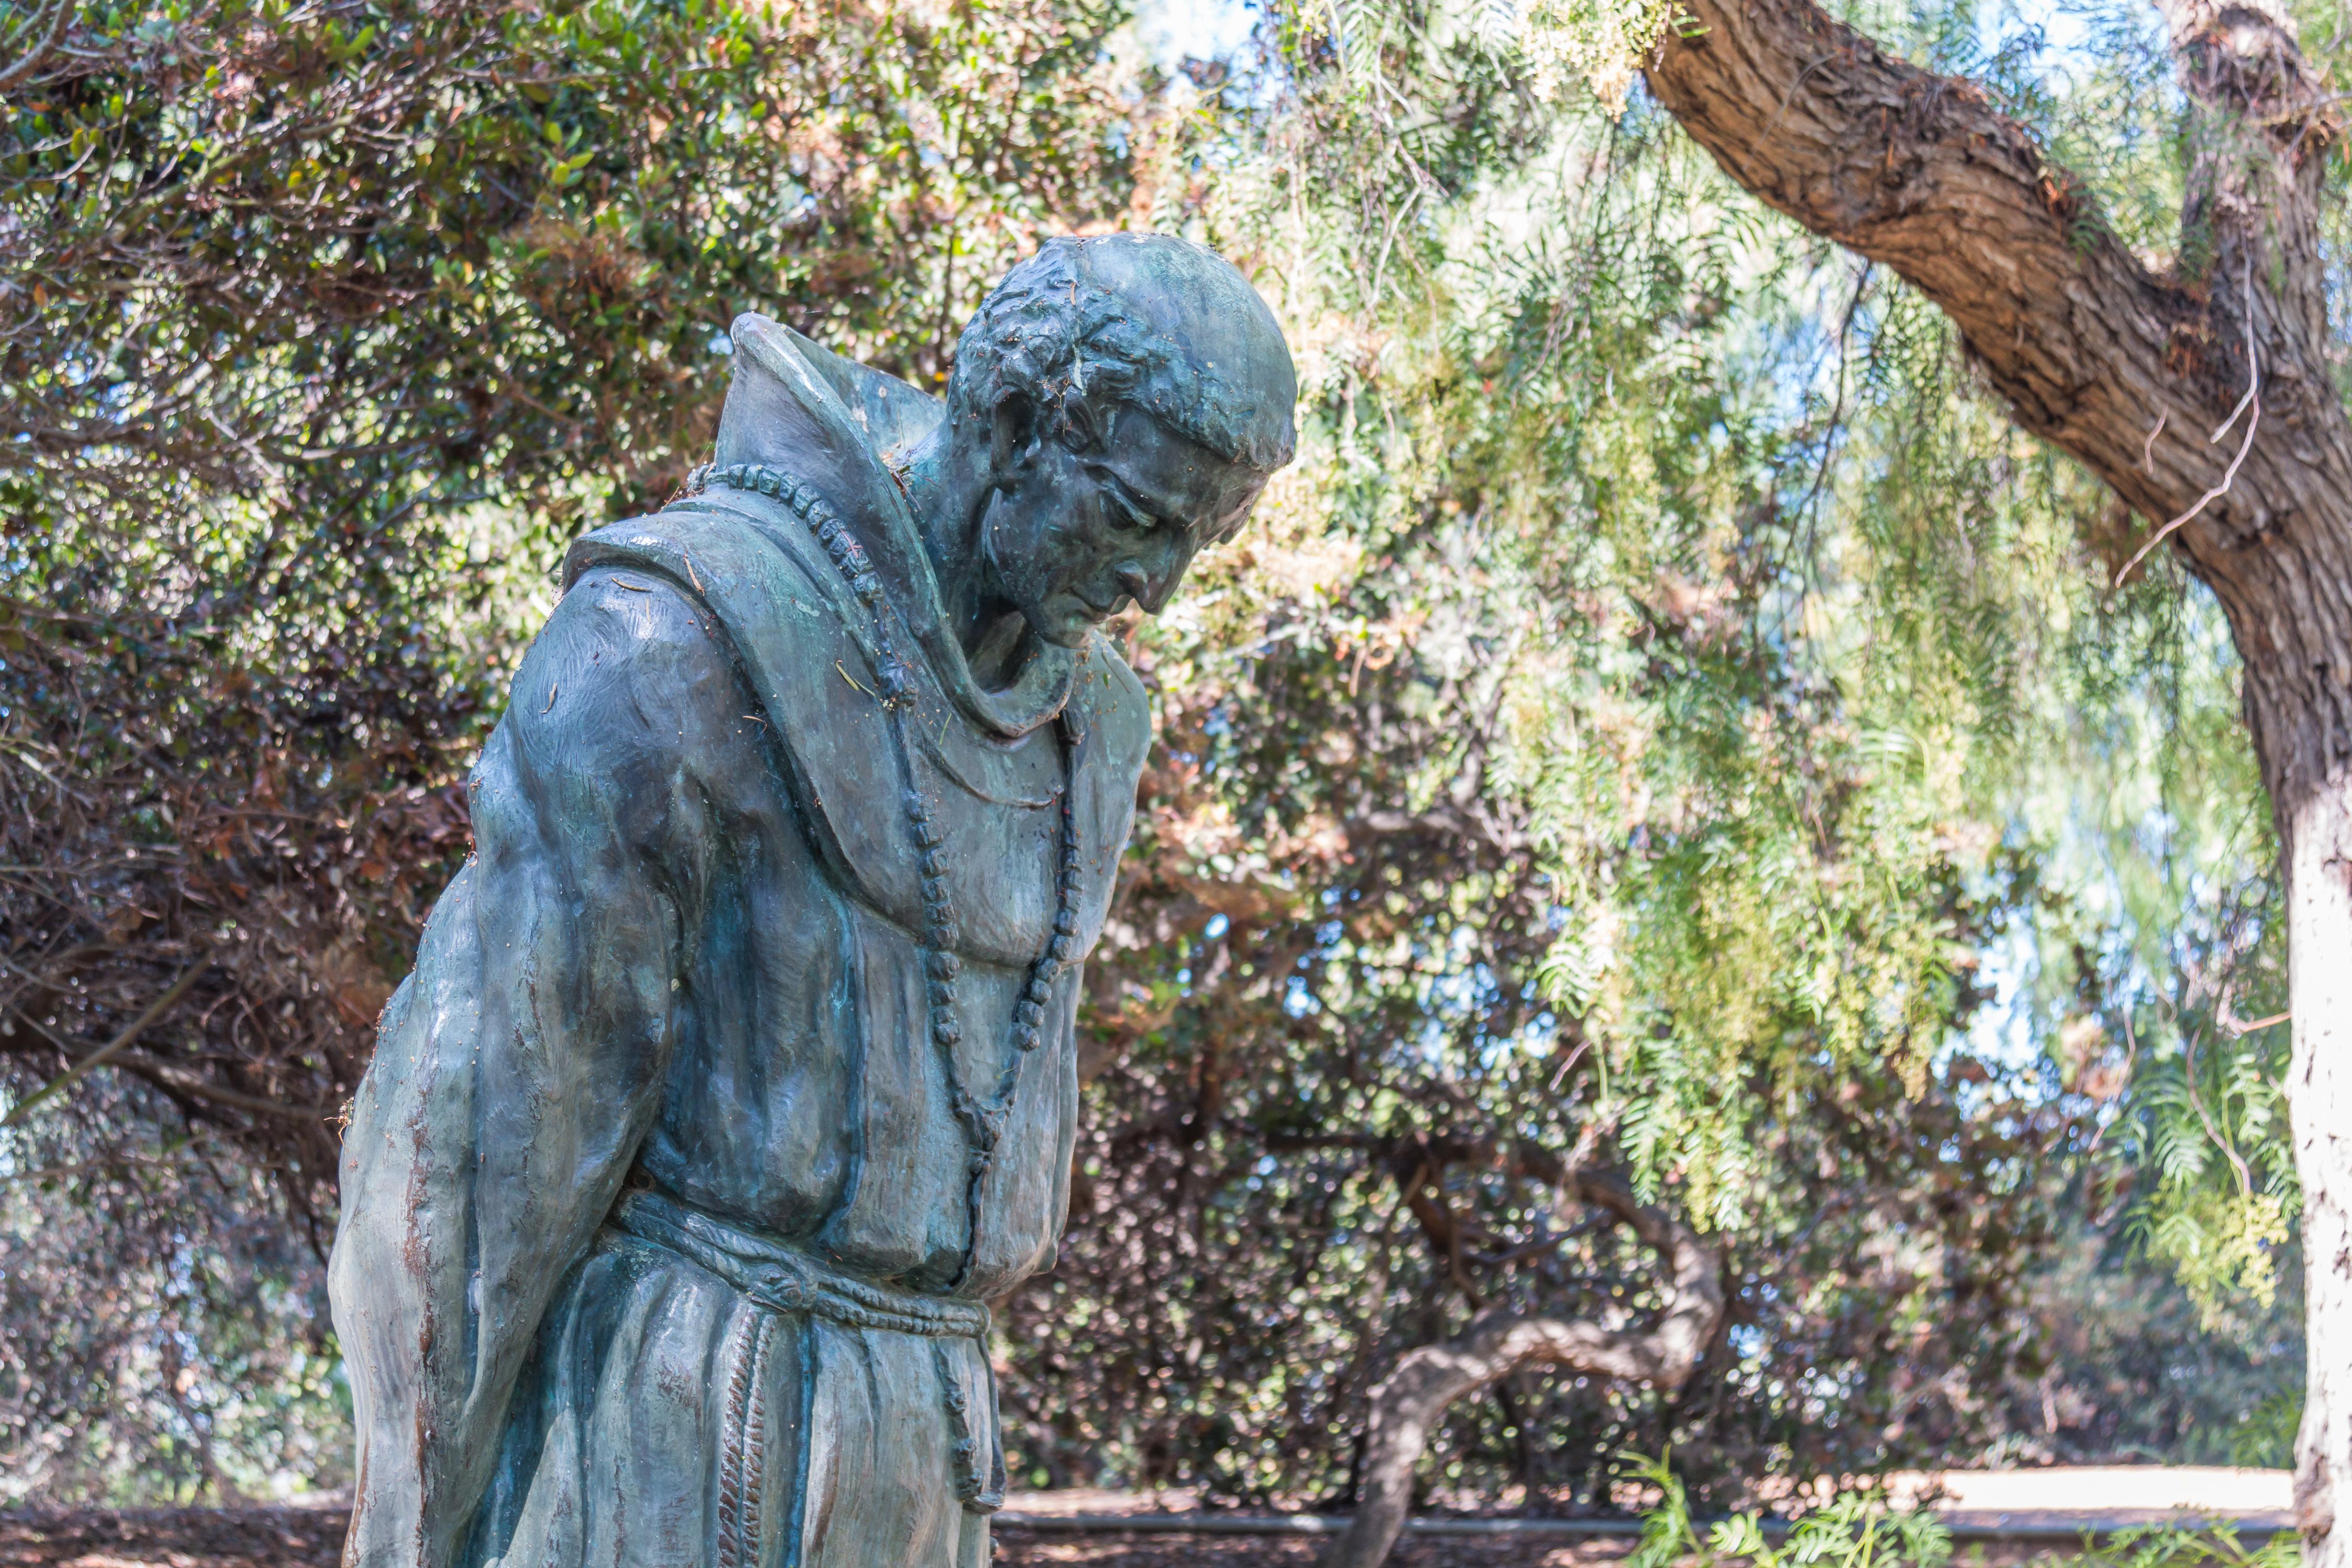 Don't remove the statue of Junipero Serra